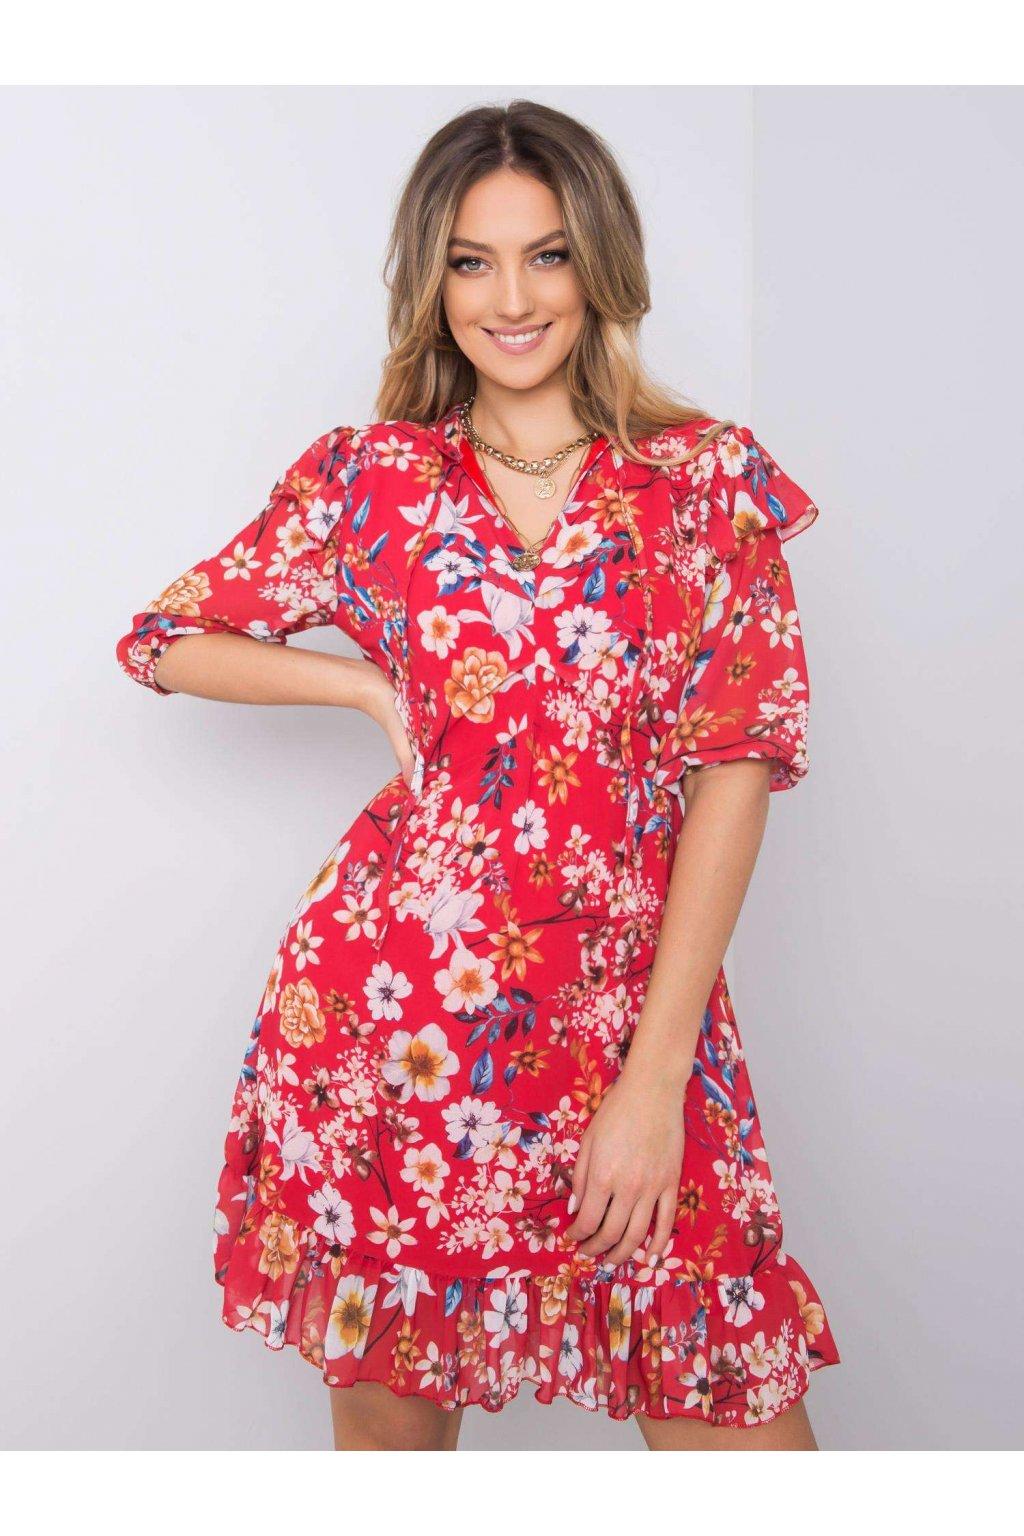 pol pl Czerwona sukienka w kwiaty Verity 364095 1